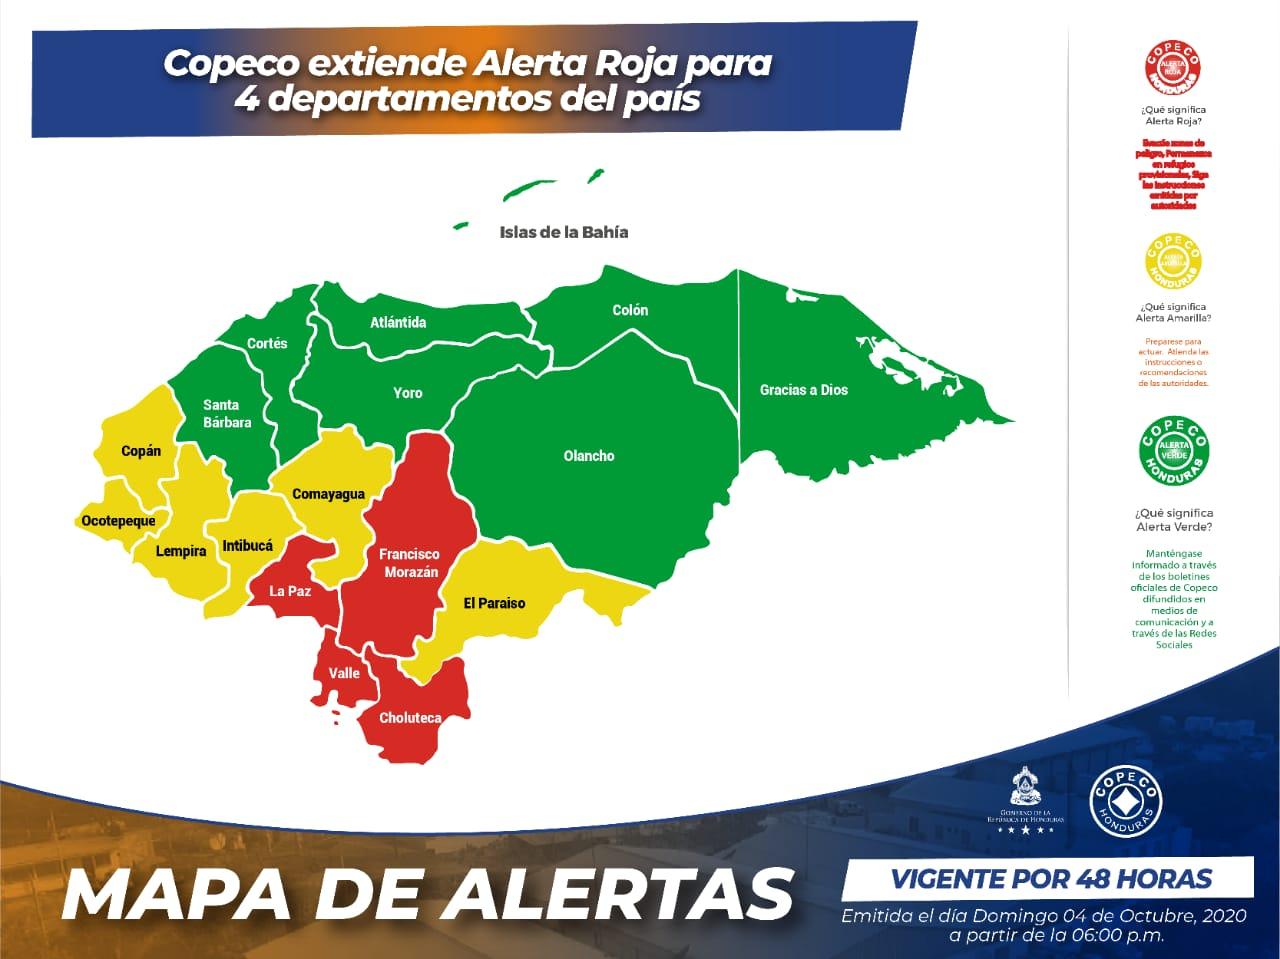 Extienden La Alerta Roja por 48 horas para 4 departamentos del país